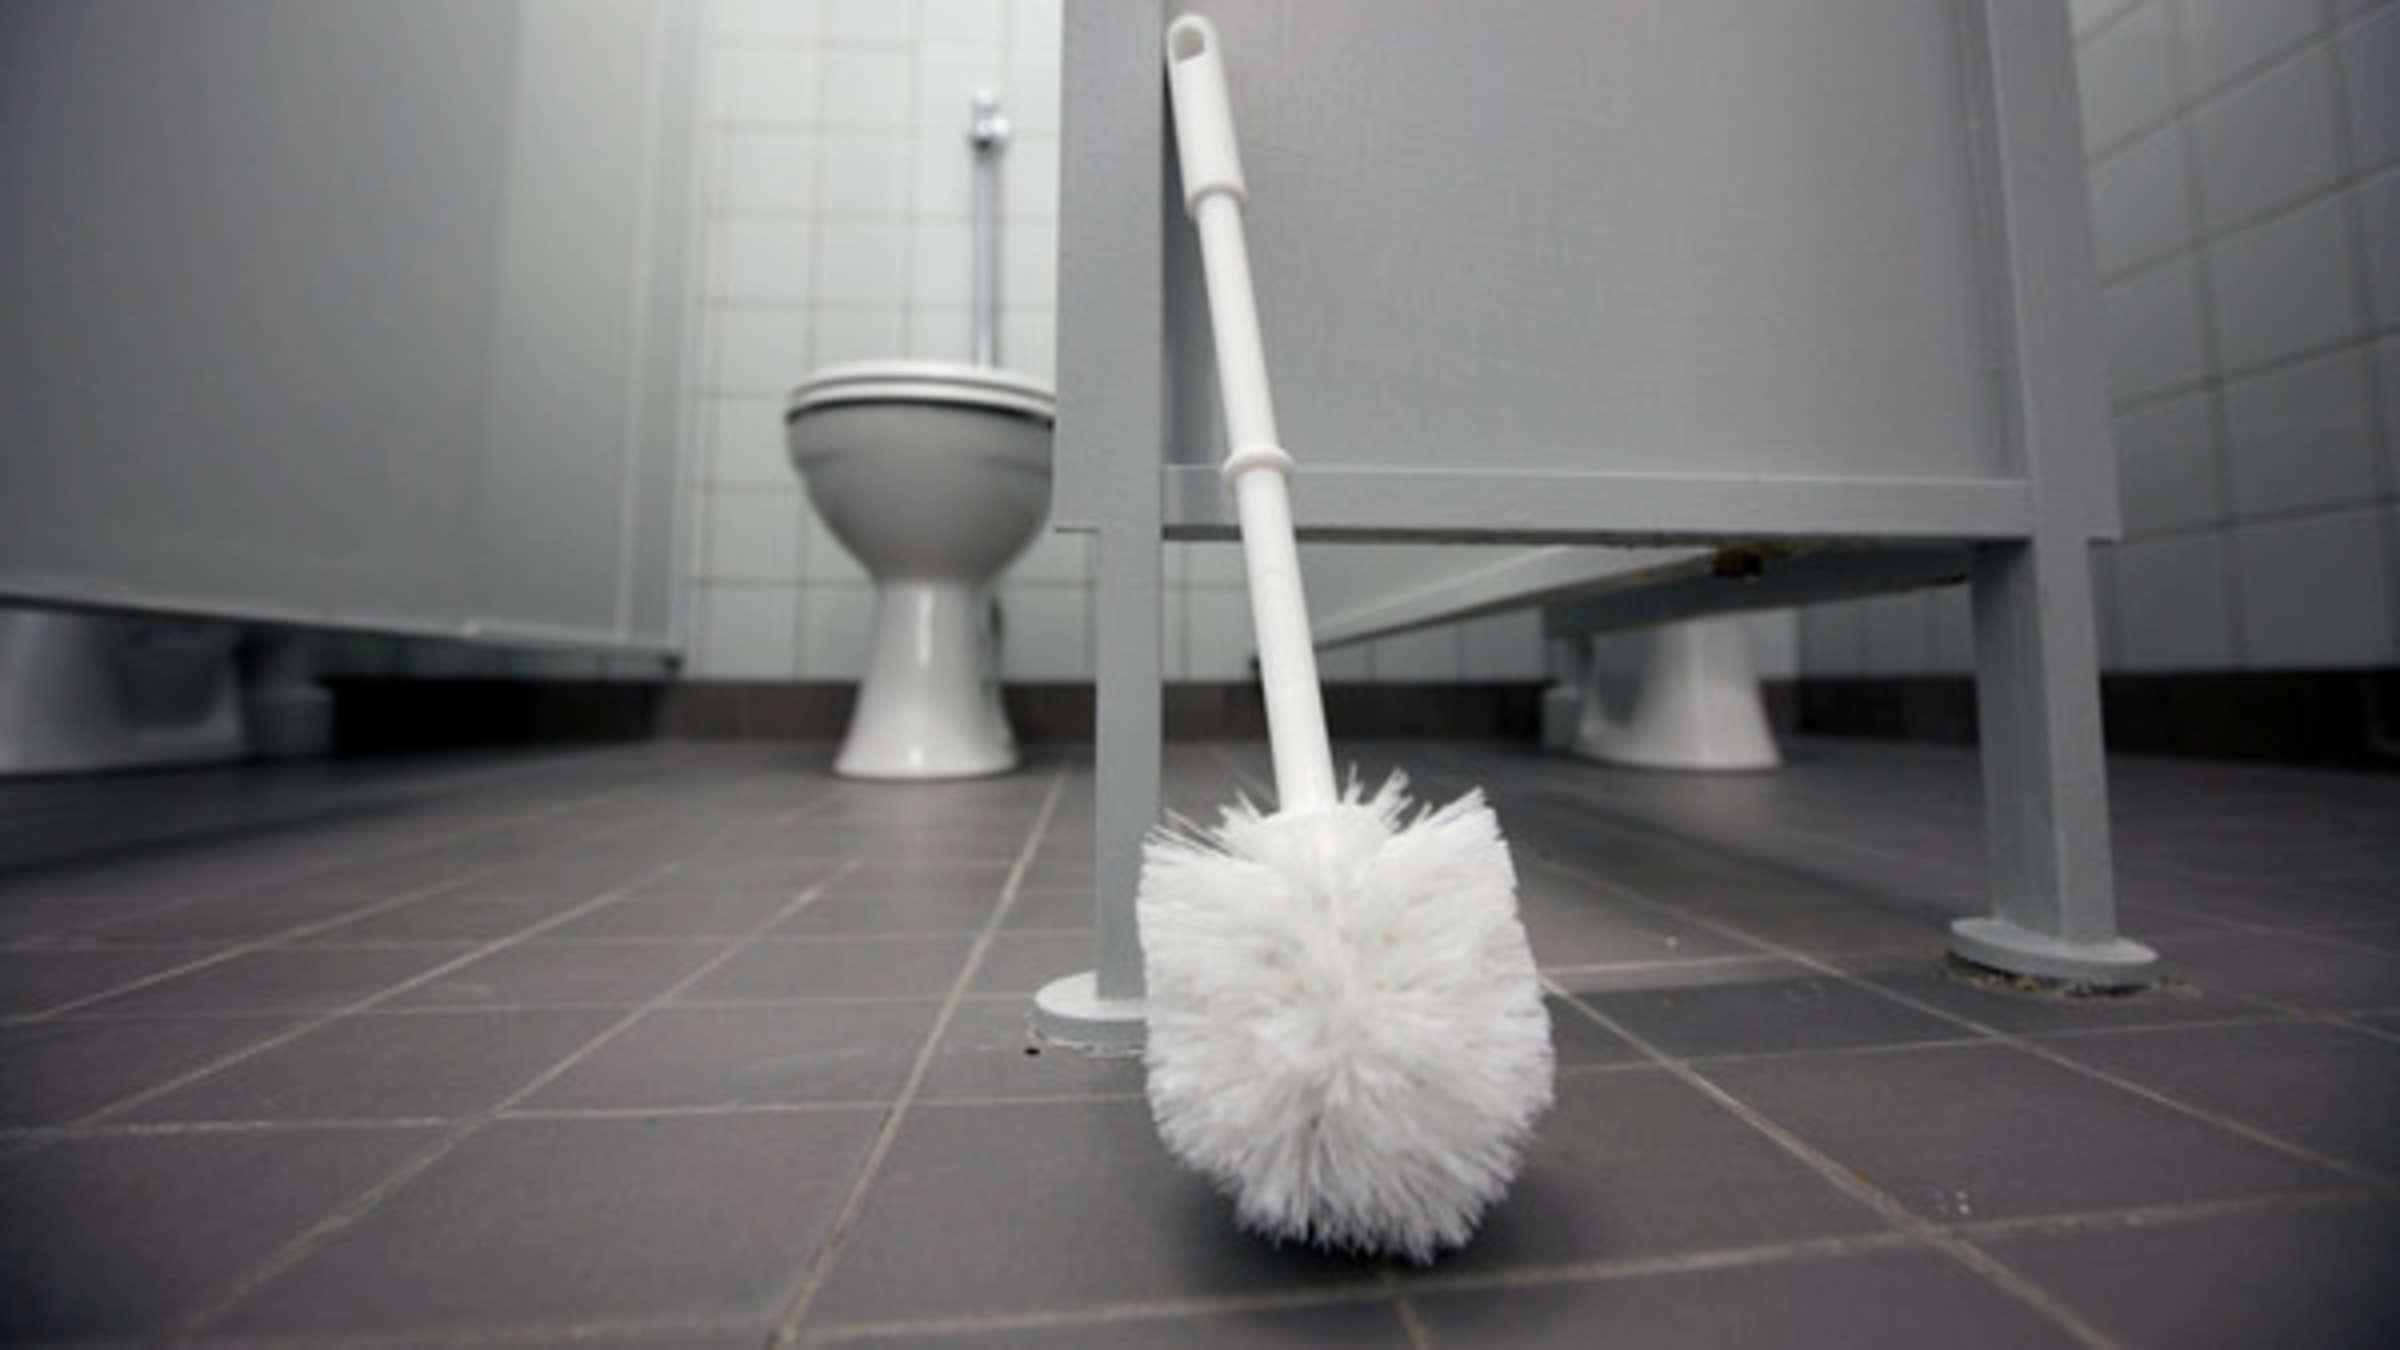 Toilette Reinigen Wie Oft Muss Ich Eigentlich Die Klobürste